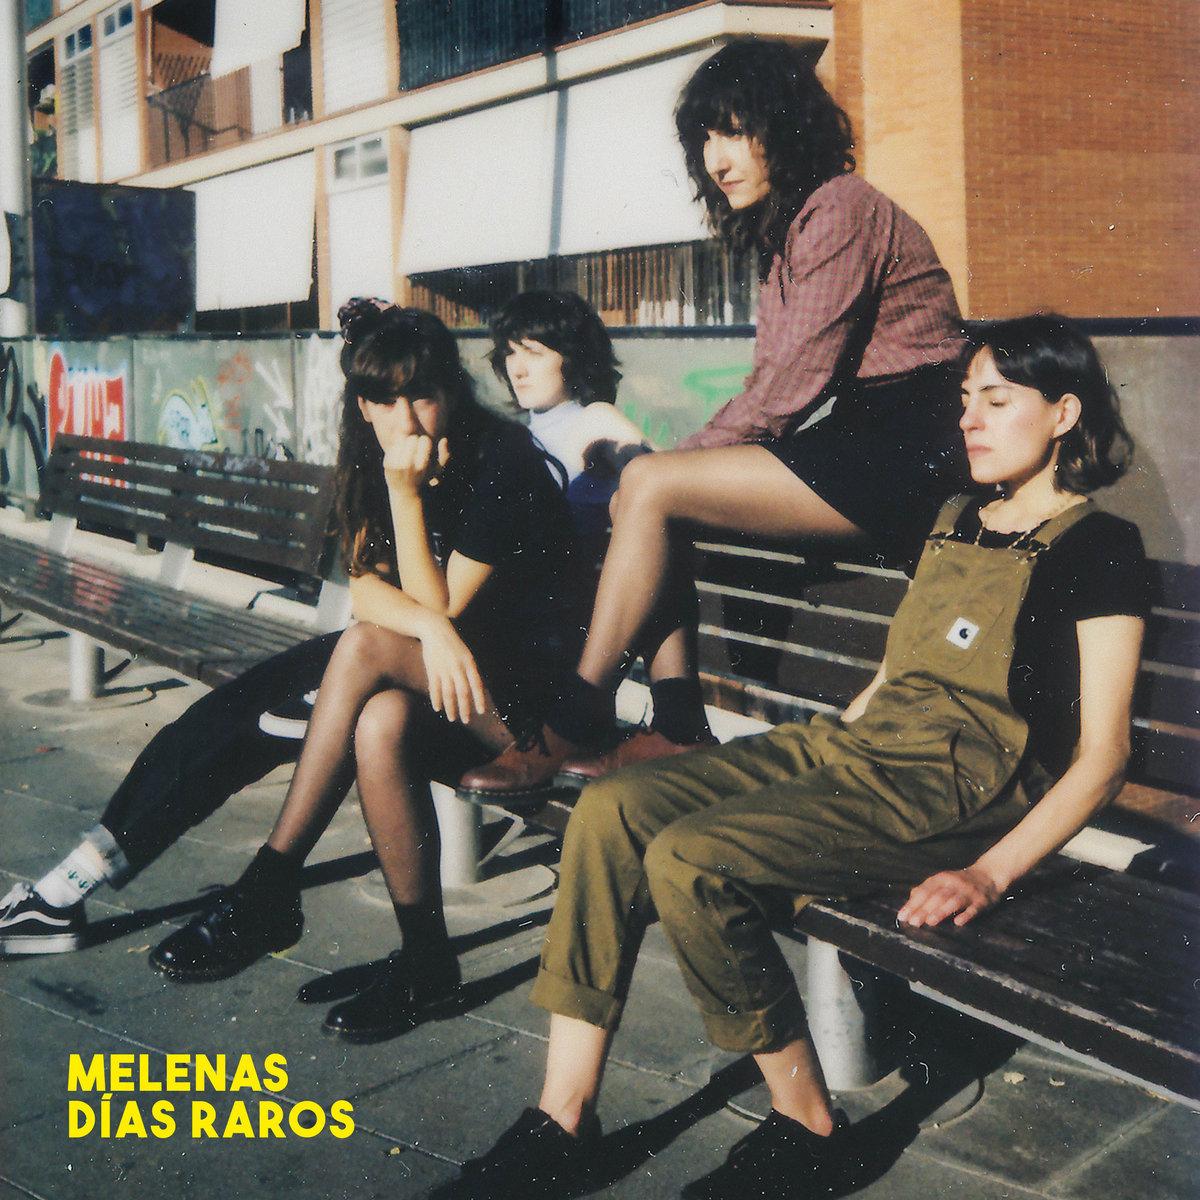 melenas-dias-raros-cover